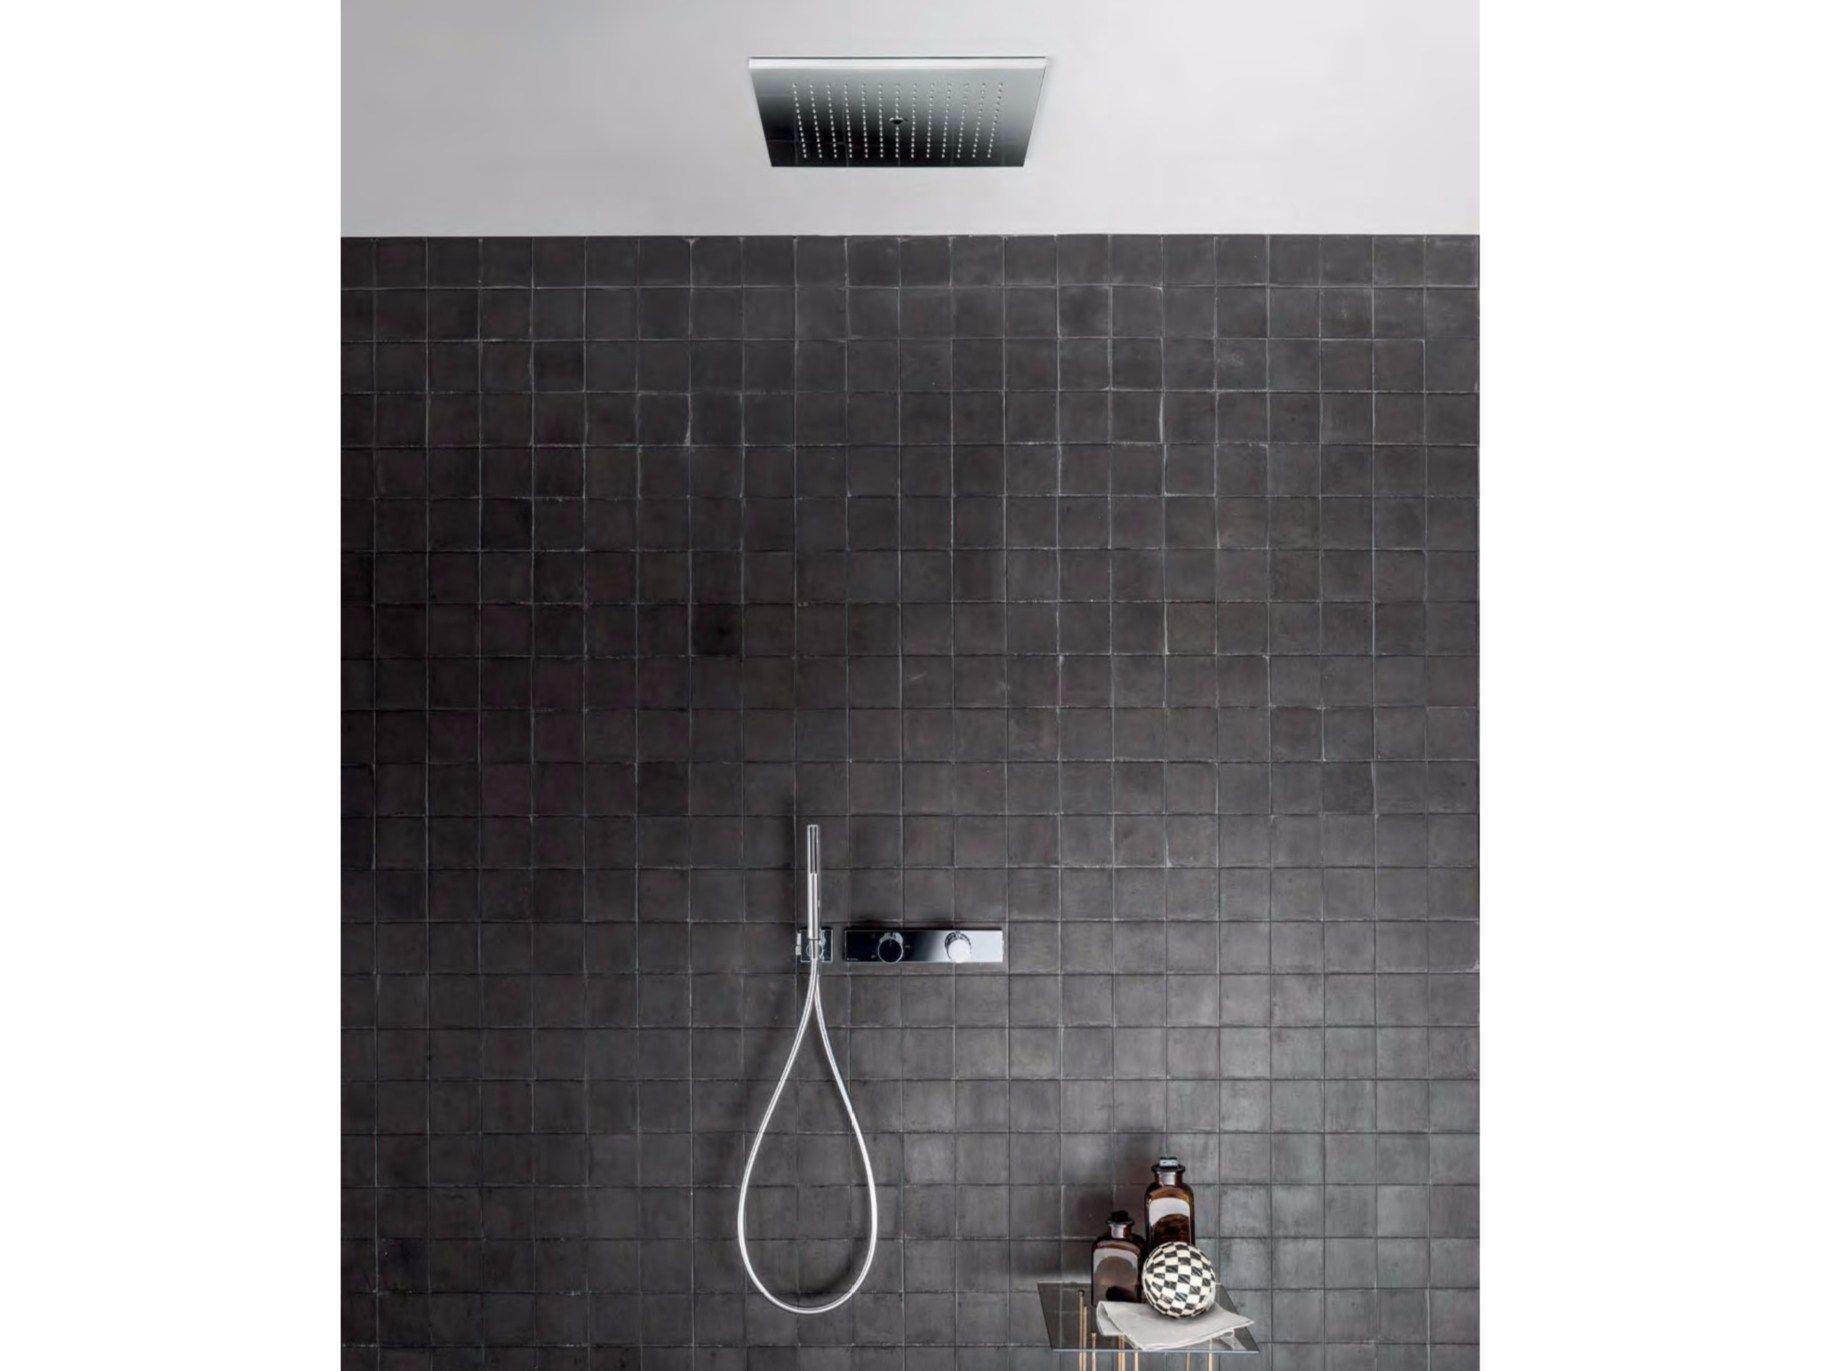 Acquadolce colonna doccia da incasso by fantini rubinetti - Soffione doccia incasso ...